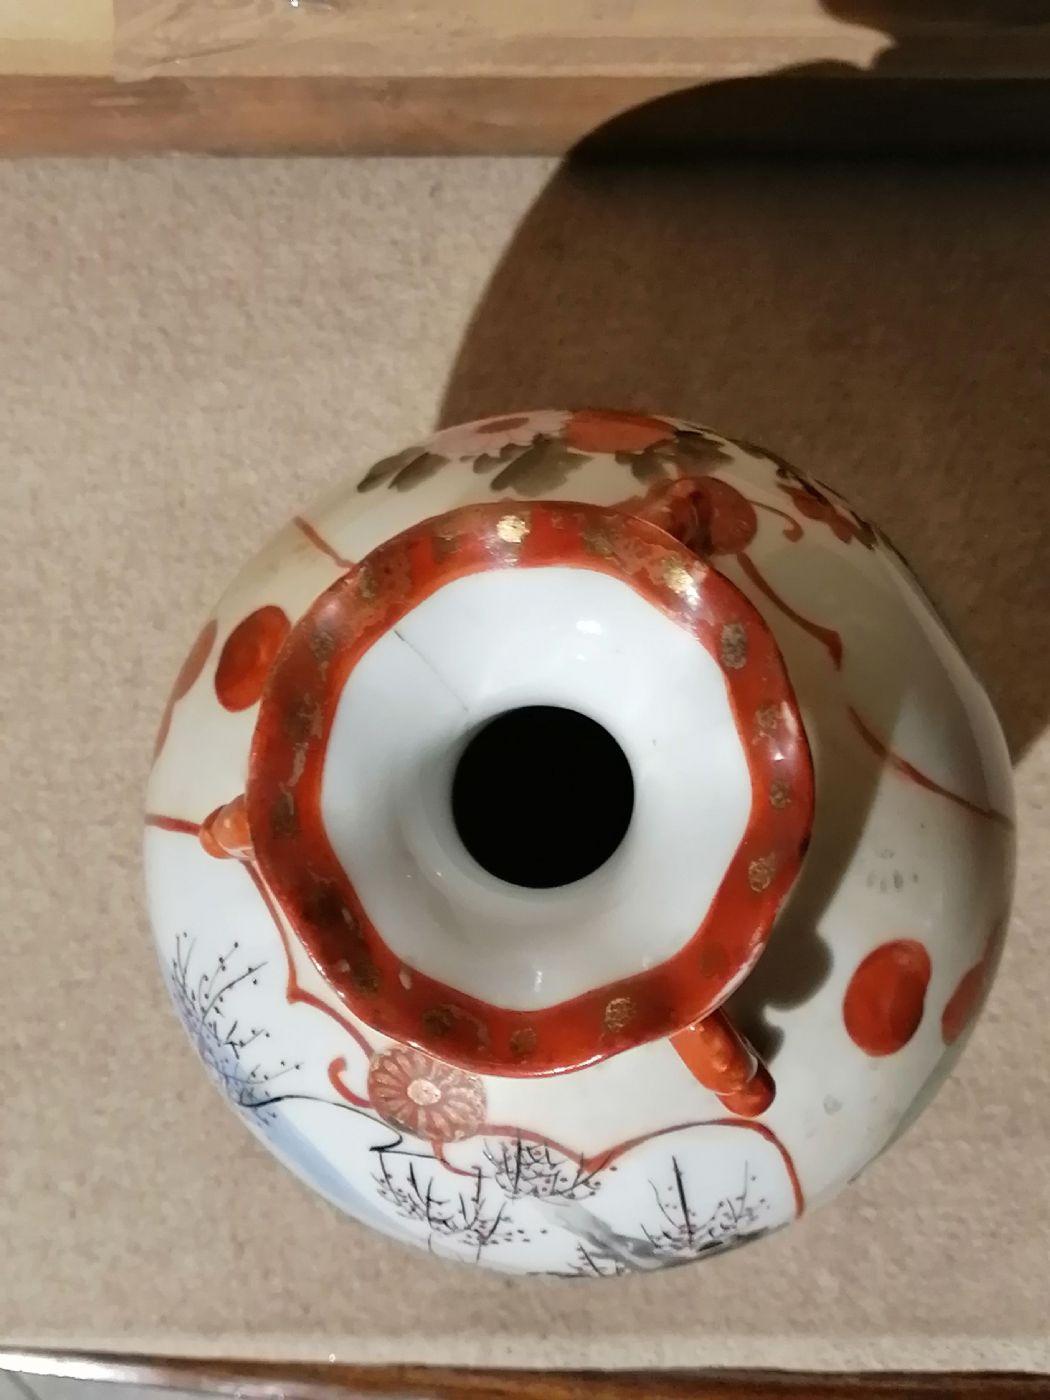 thumb5|Vaso giapponese dell'800 in ceramica dipinta